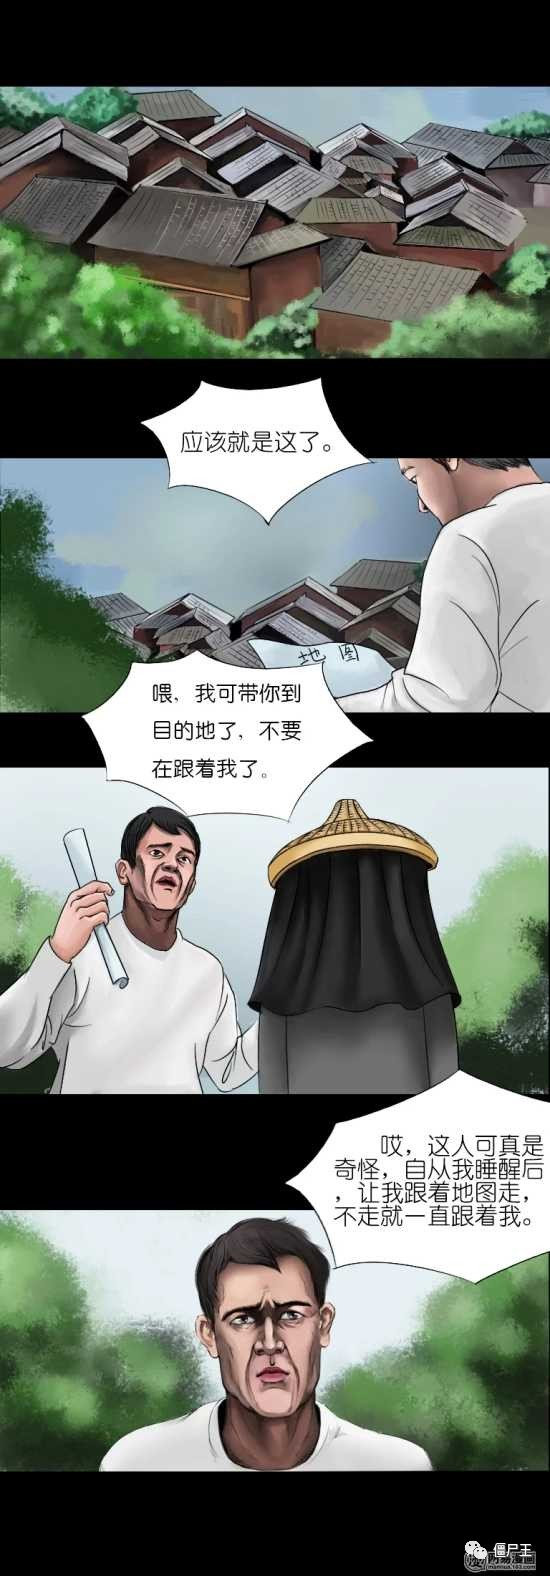 恐怖漫画:《赶尸》落地归根-僵尸王